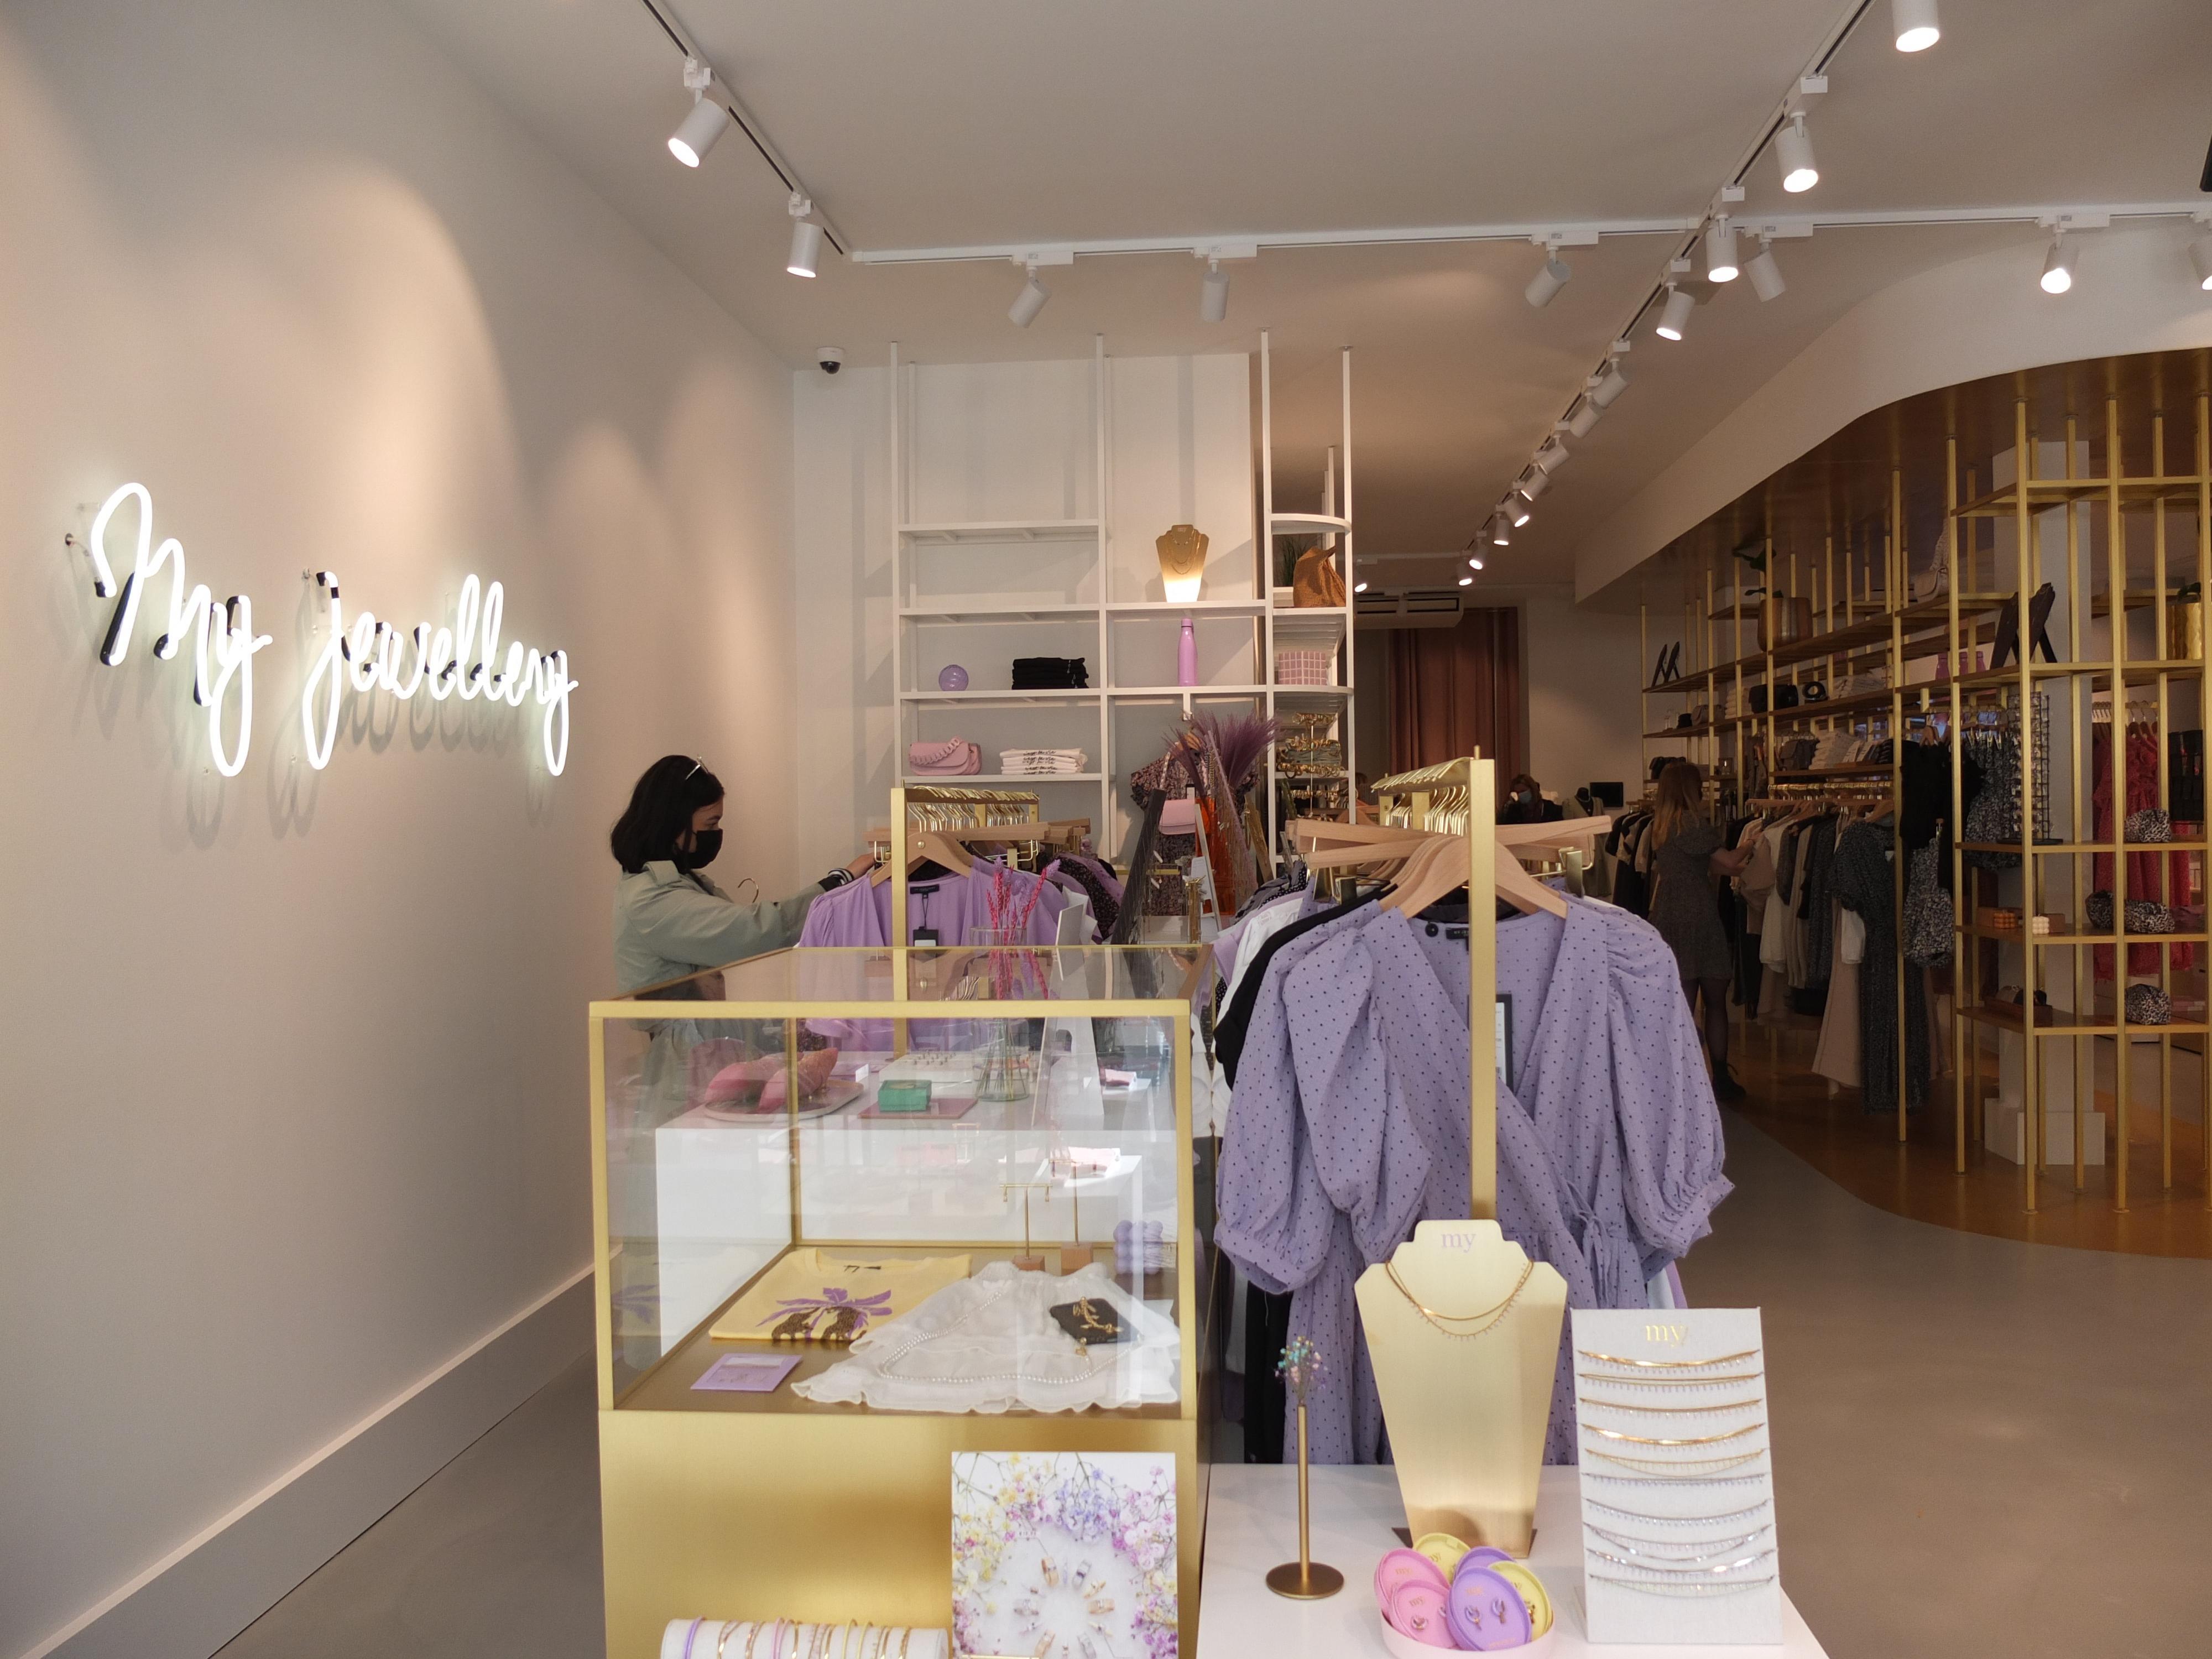 Shoppen: Nieuwe winkel met sieraden en kleding op de Nieuwe Rijn in Leiden: 'Duizenden positieve reacties op sociale media'